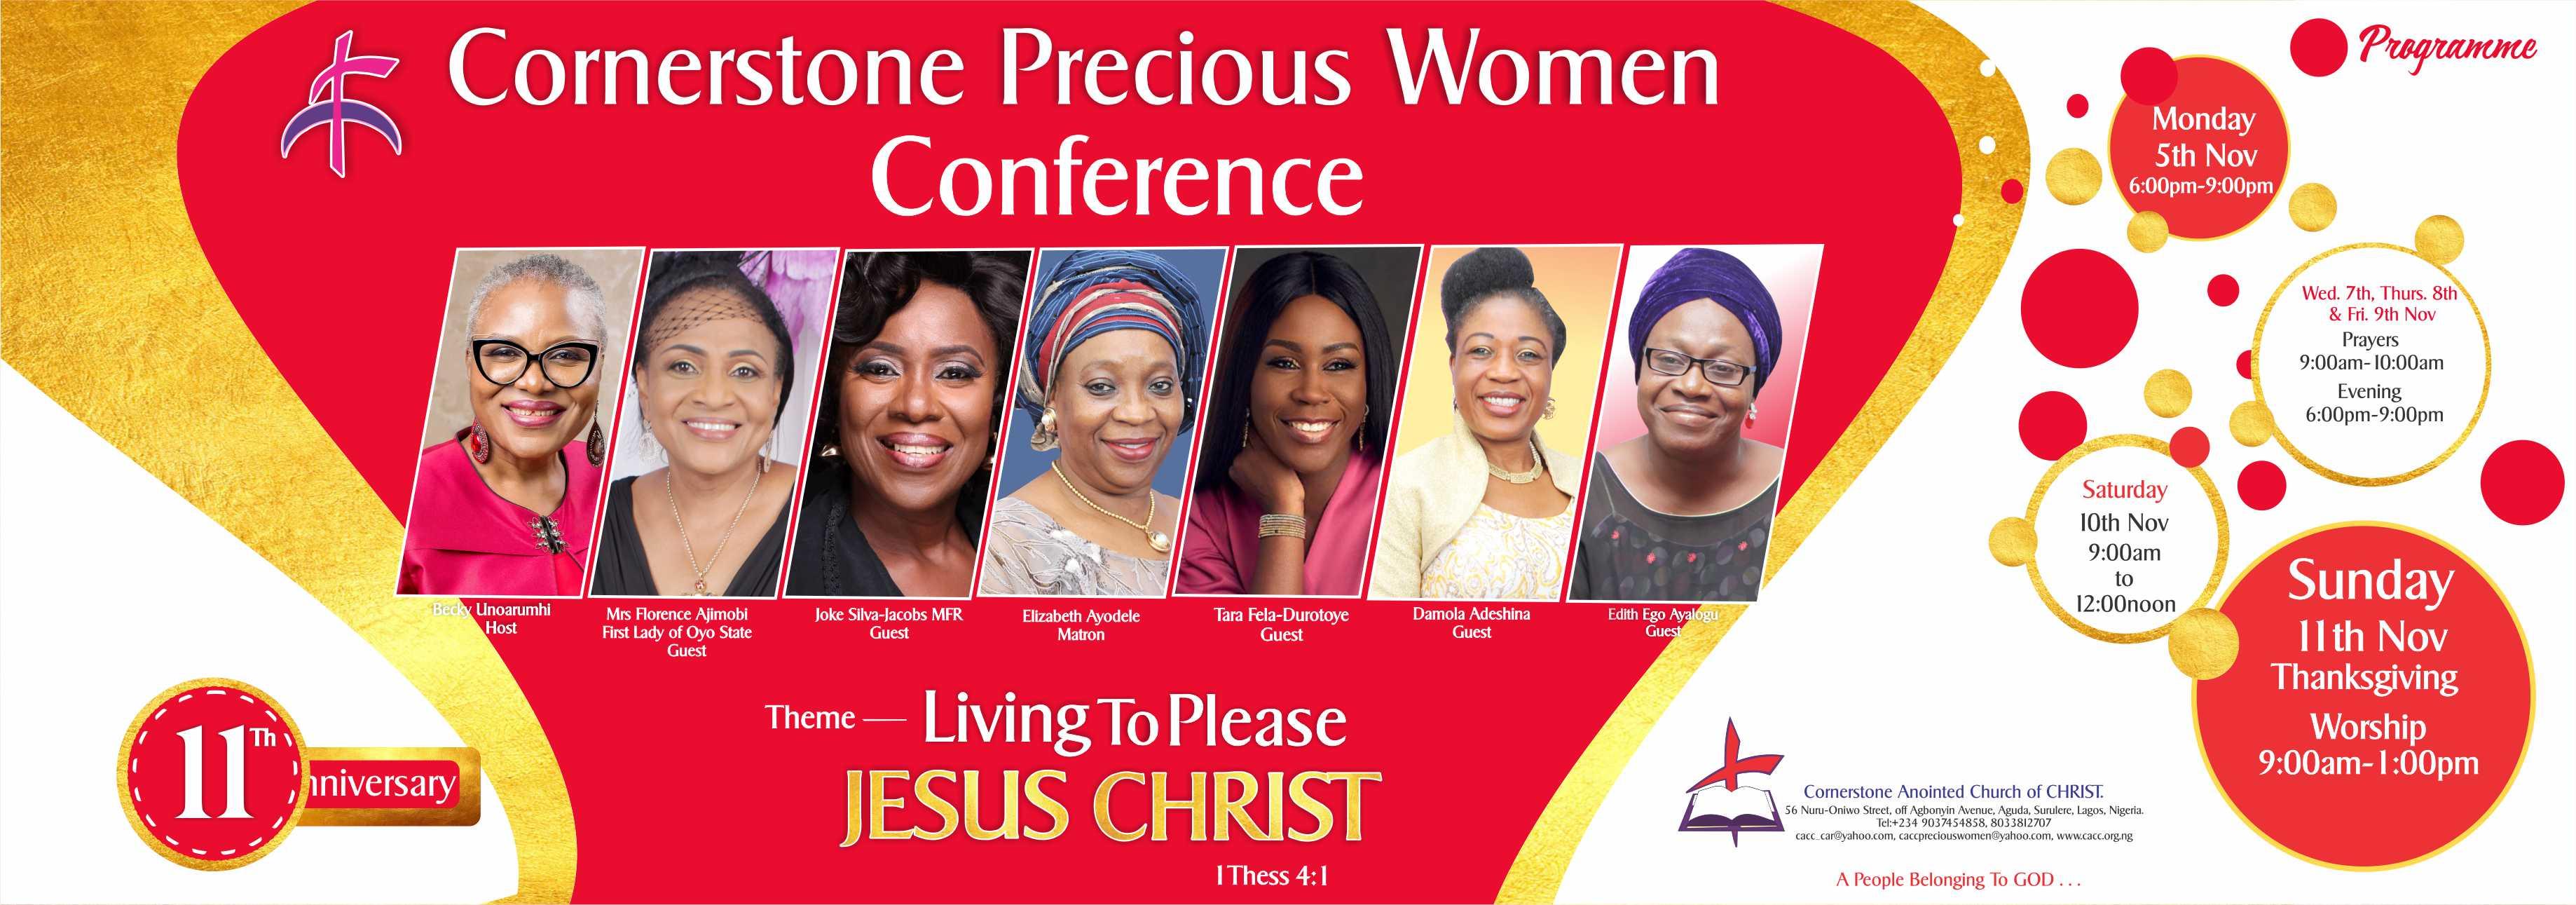 Cornerstone Precious Women Conference